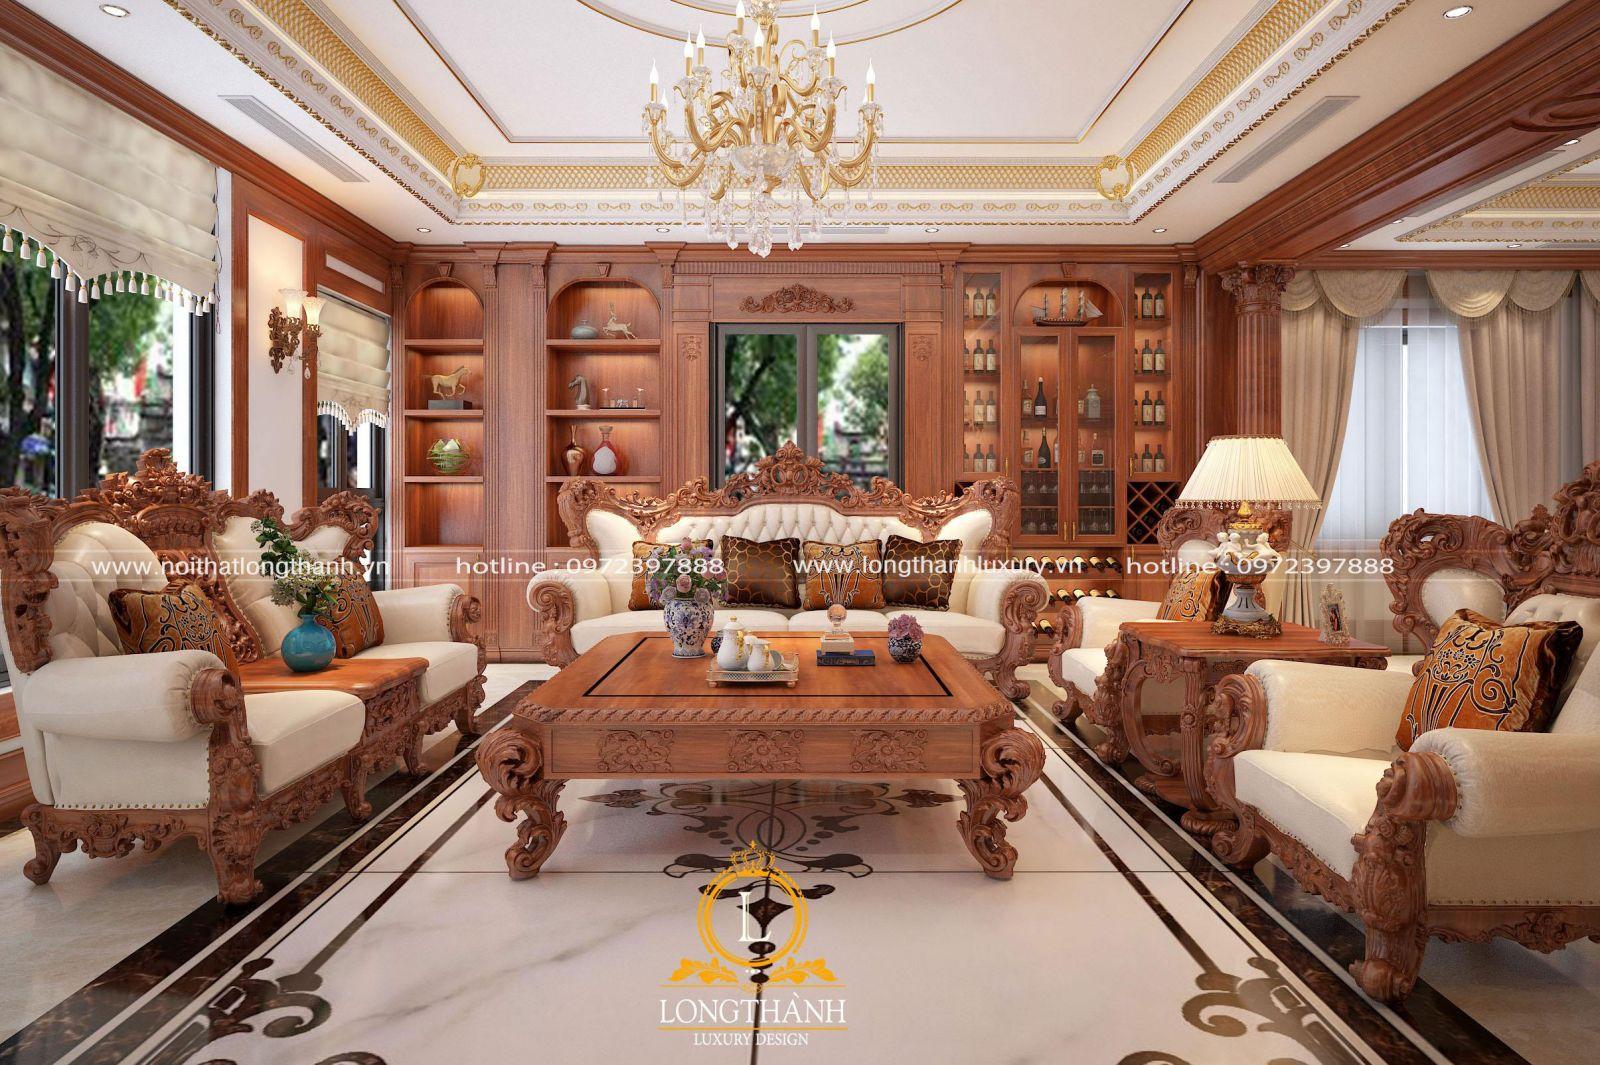 Tổng hợp những mẫu kiến trúc biệt thự đẹp được nhiều người yêu thích